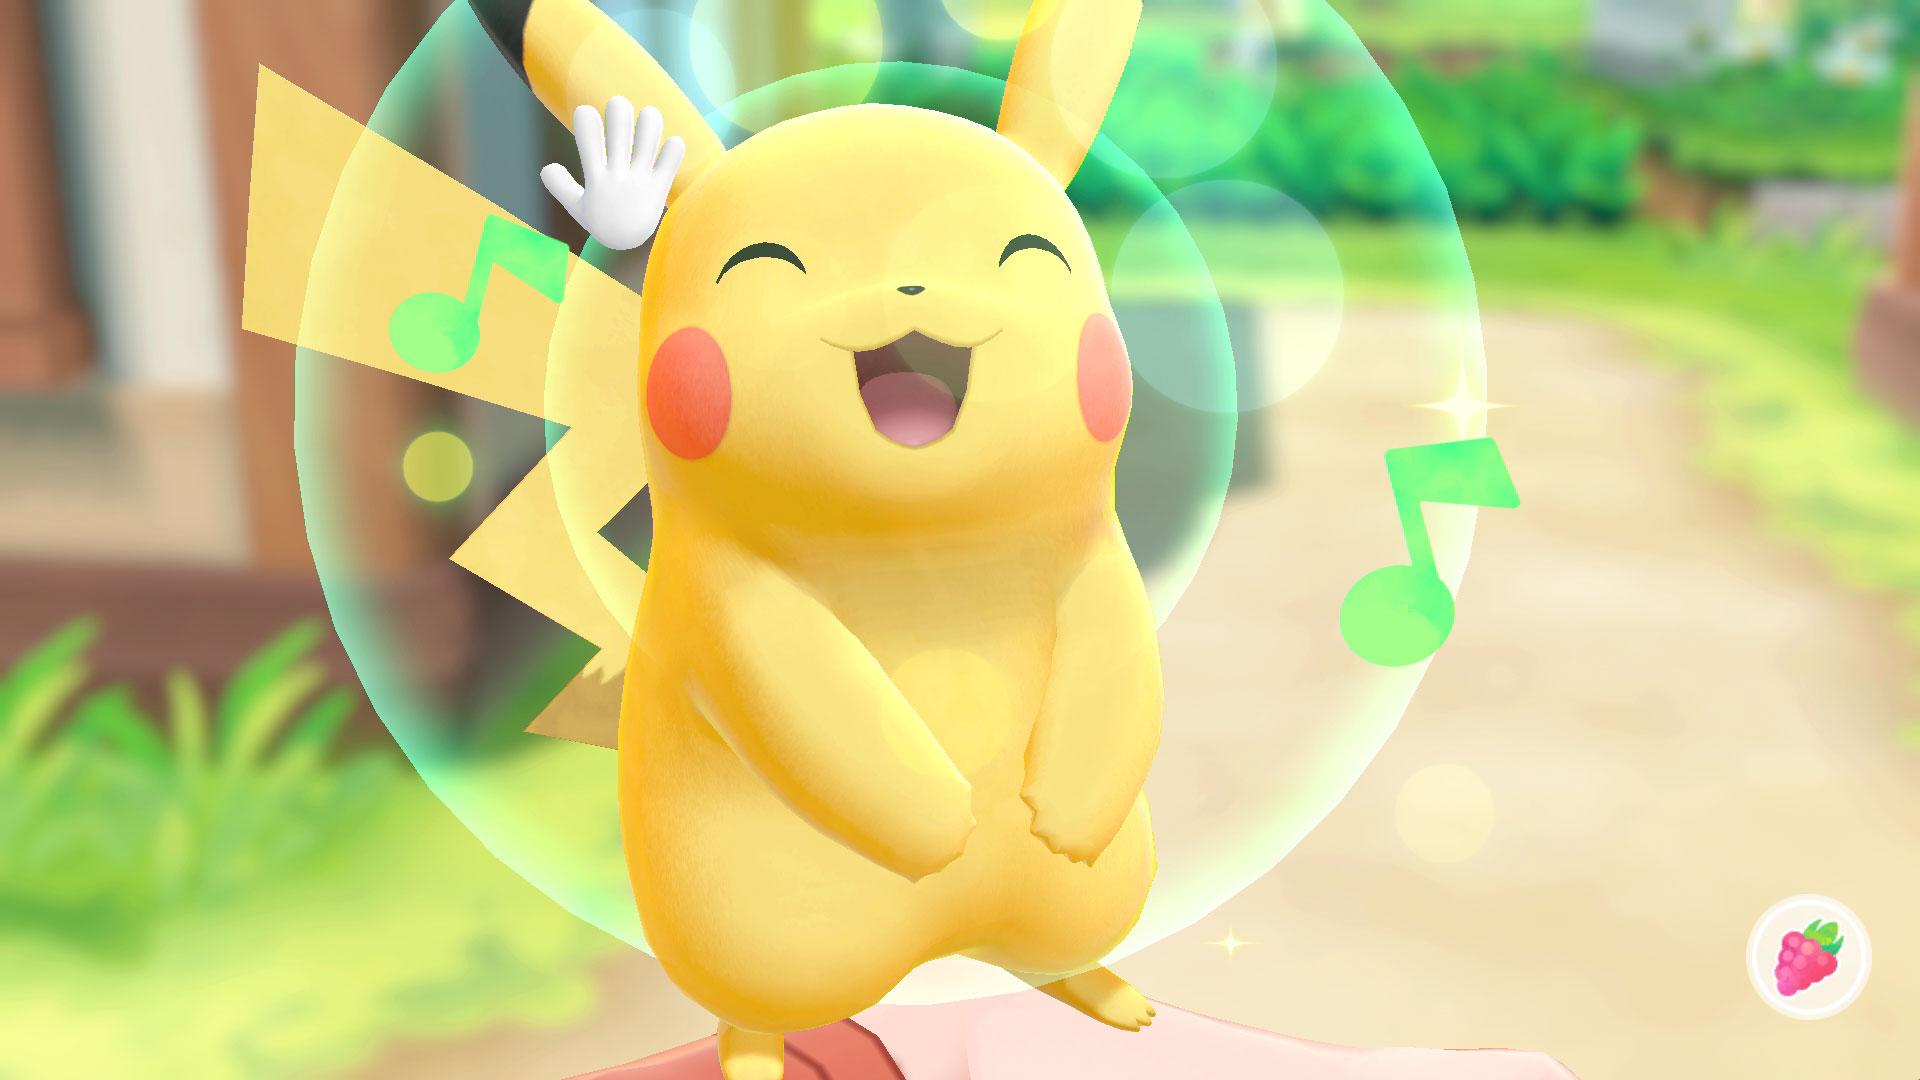 Lässt sich mithilfe der Bewegungssteuerung gerne bekuscheln: ein glücklicher kleiner Pikachu.